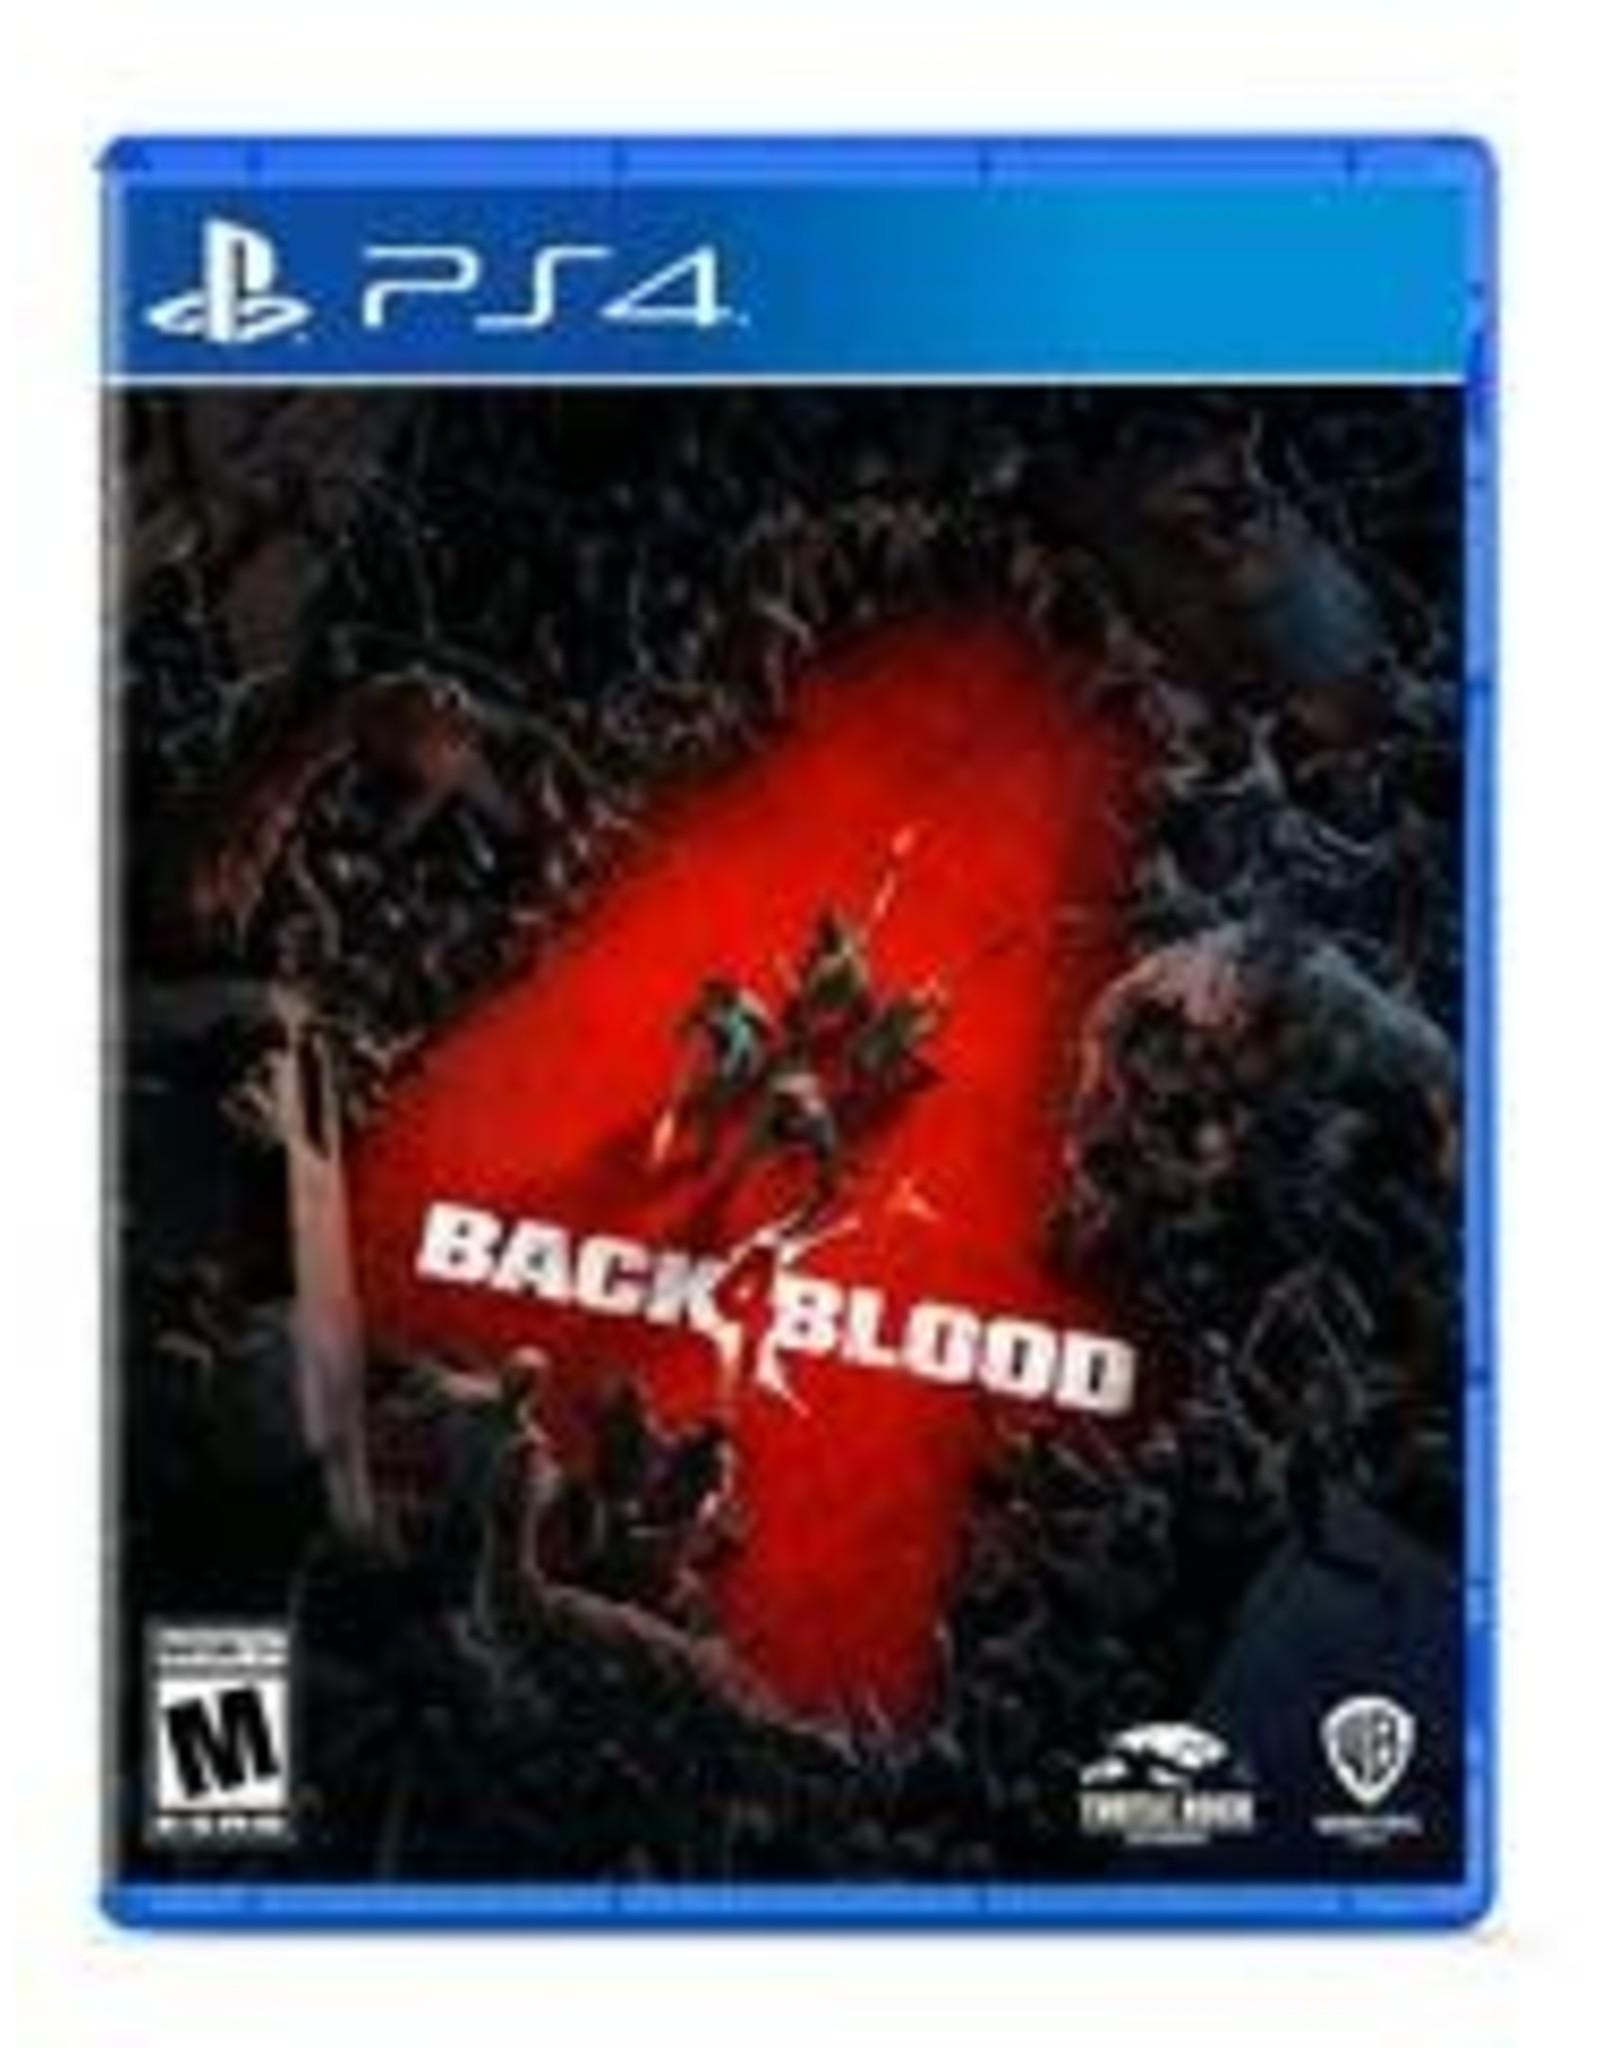 Playstation 4 Back 4 Blood